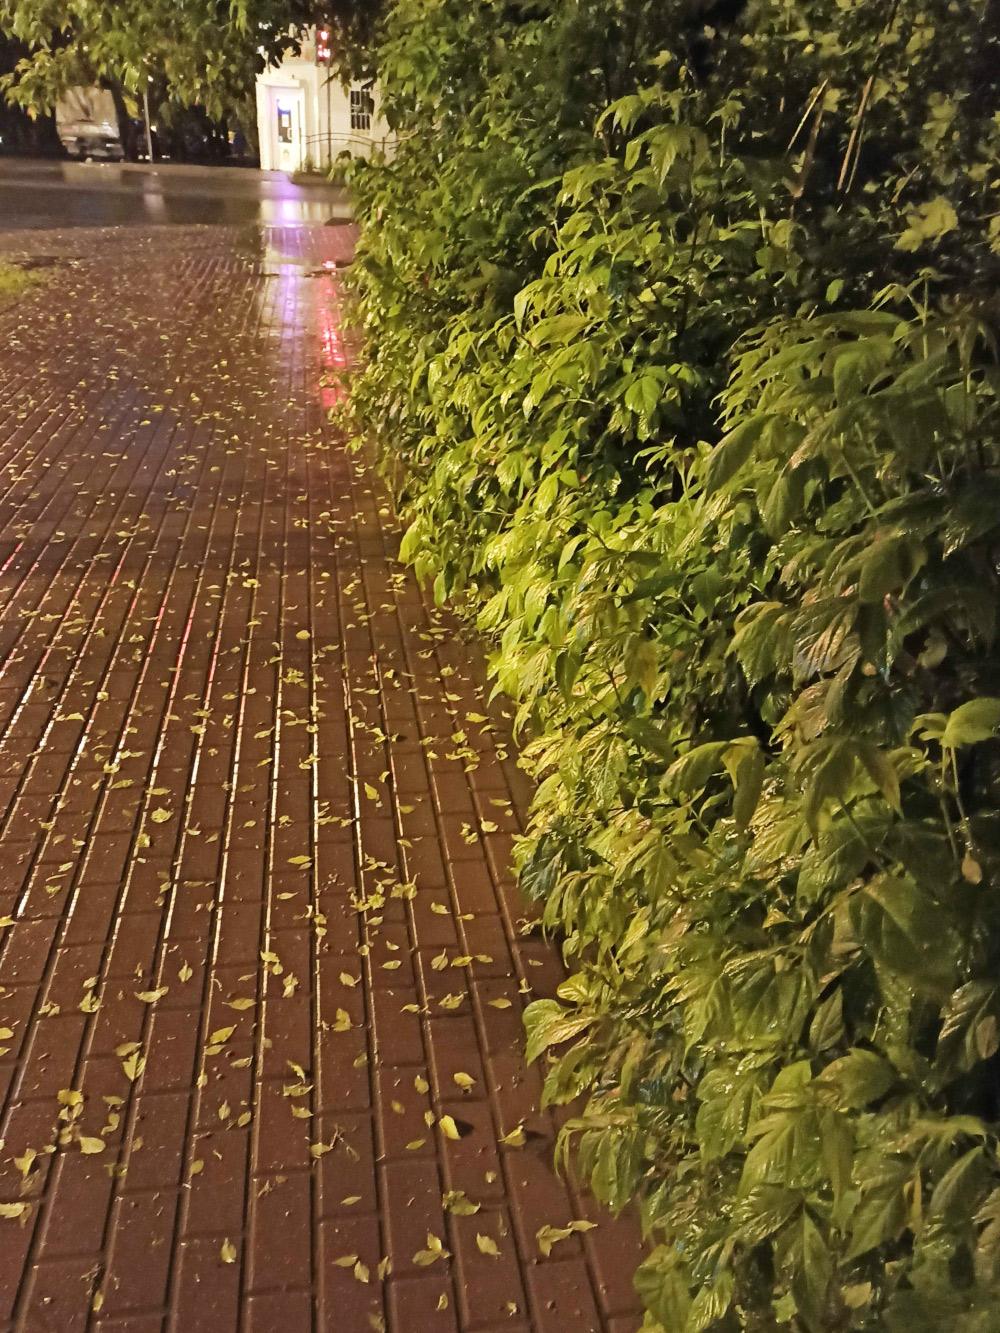 Приятно гулять вечером поддождем: улицы пустынные, воздух свежий, на душе умиротворение